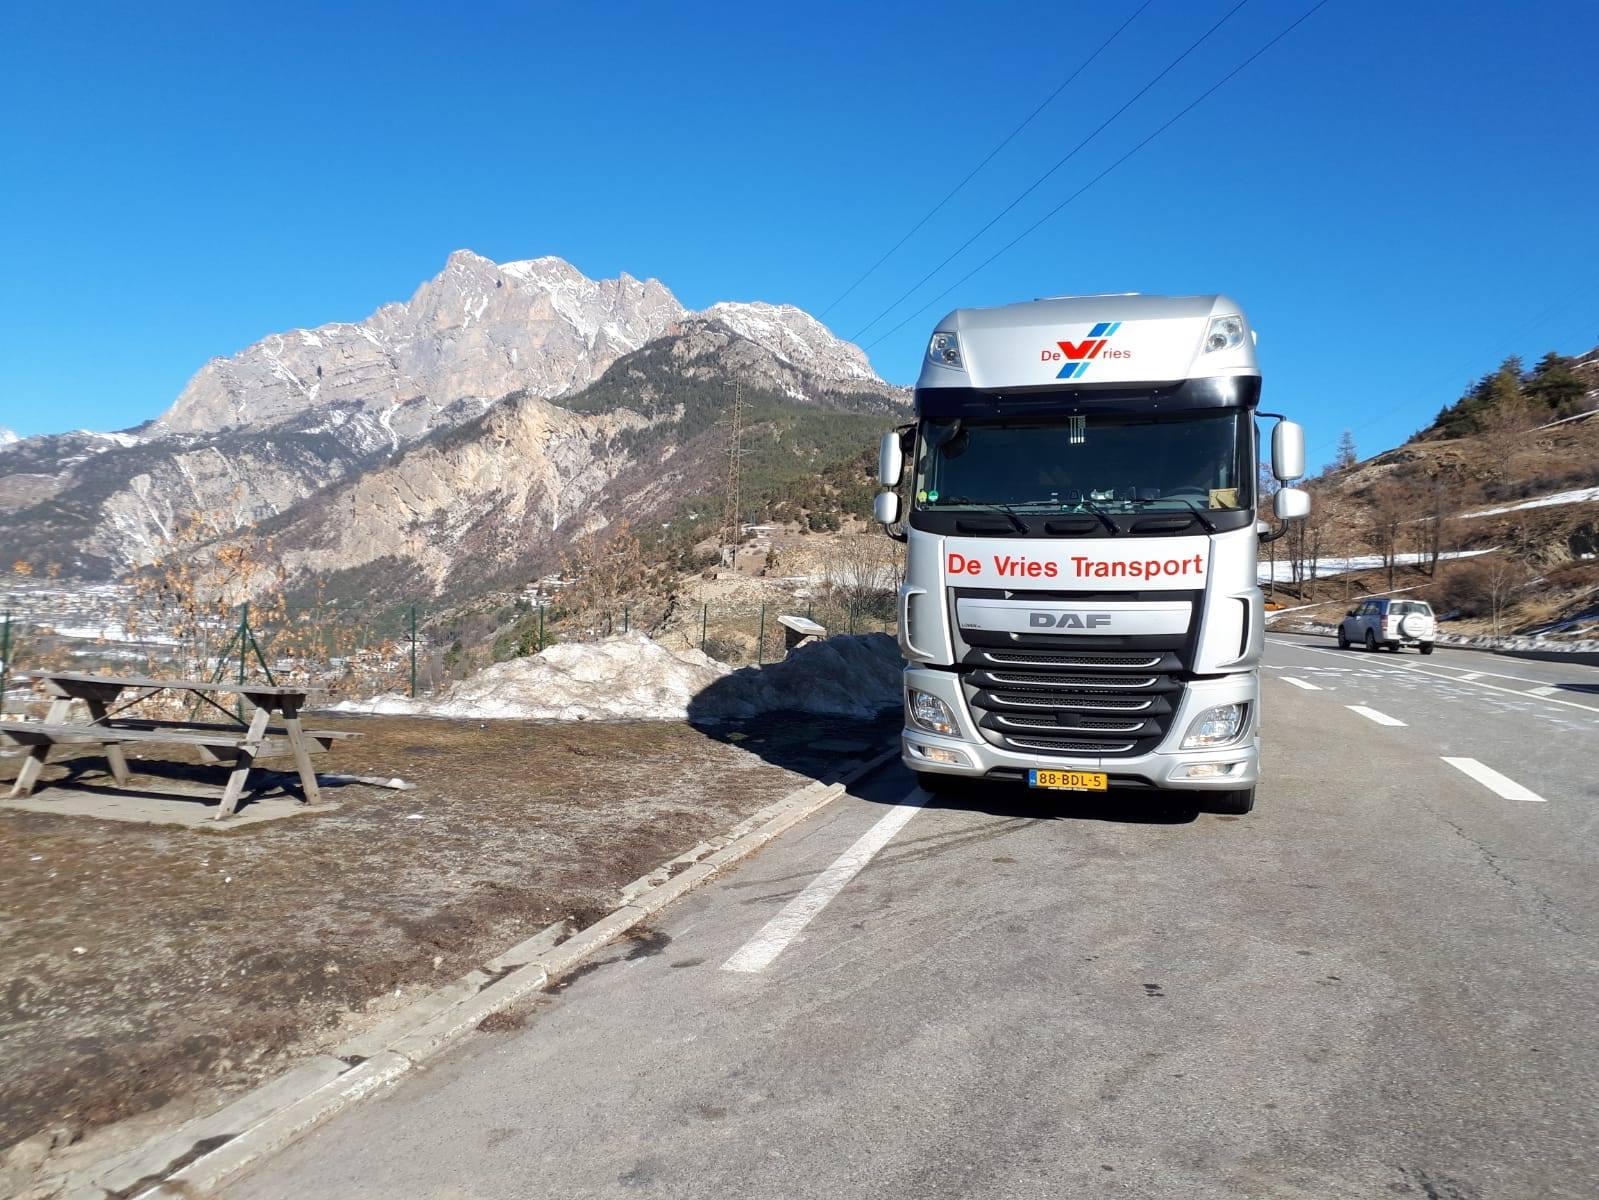 Michel-in-La-Salle-Les-Alpes-21-2-2019--2